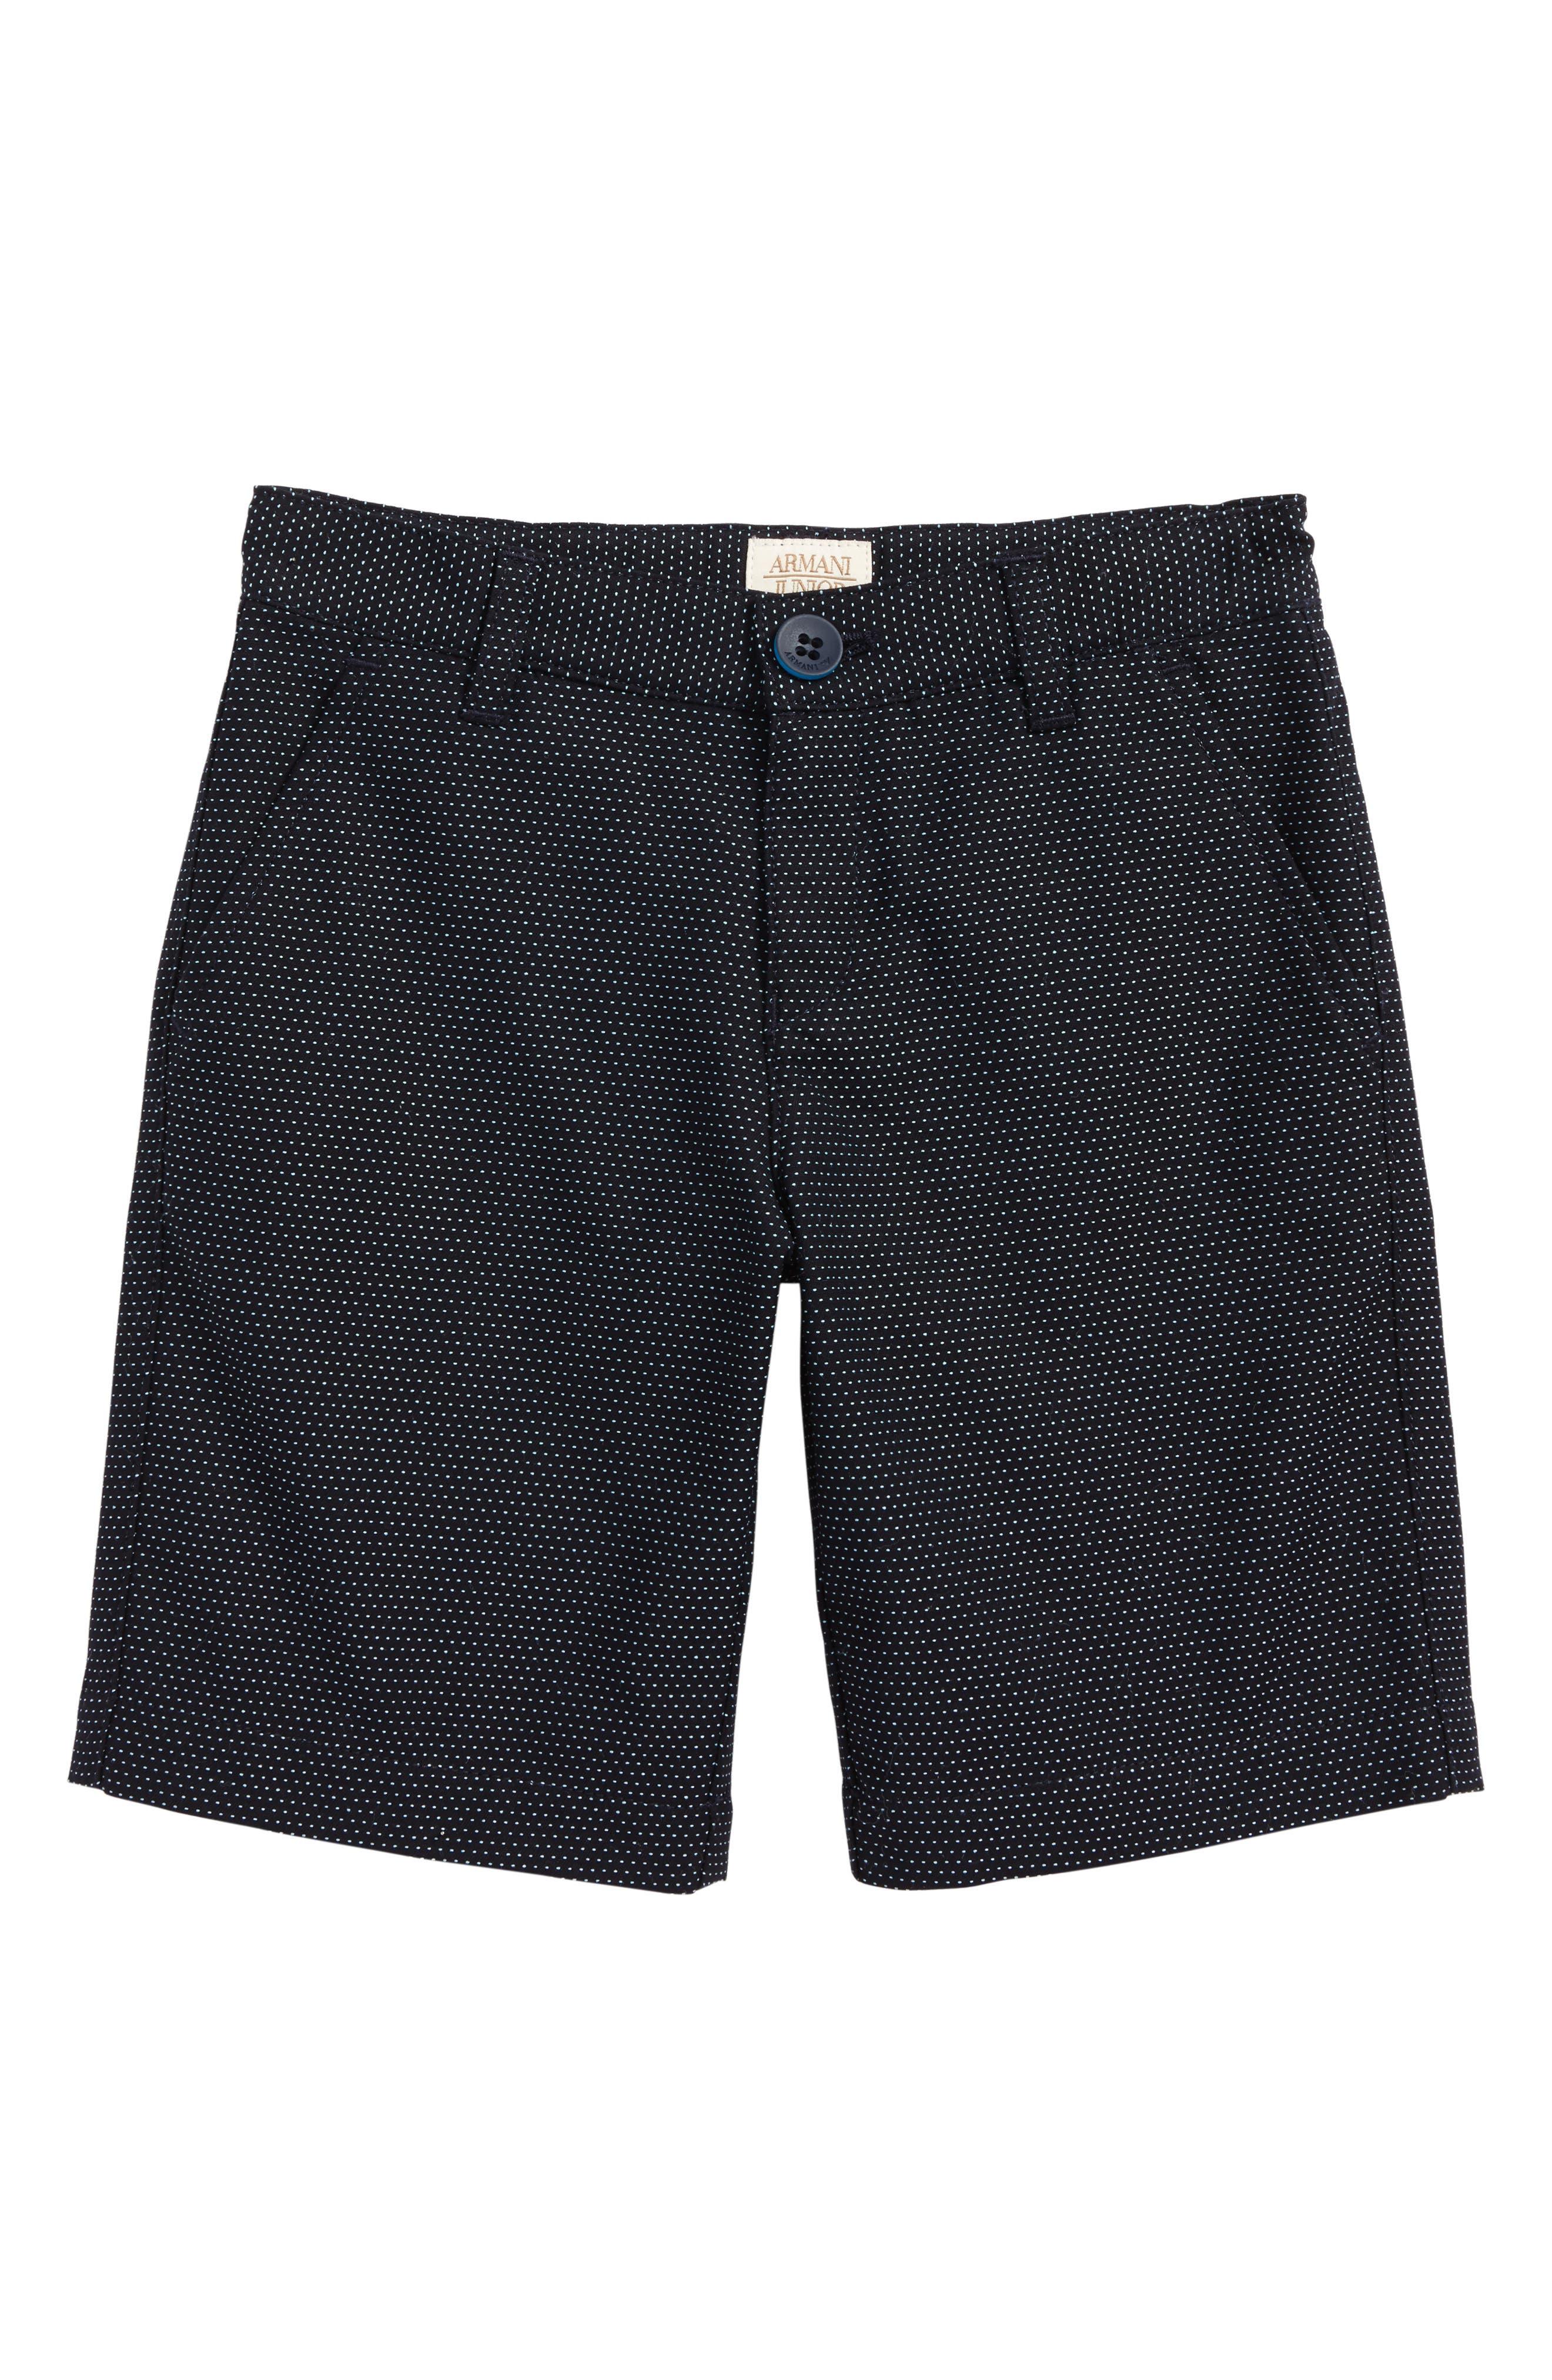 Microdot Shorts,                             Main thumbnail 1, color,                             Dark Blue